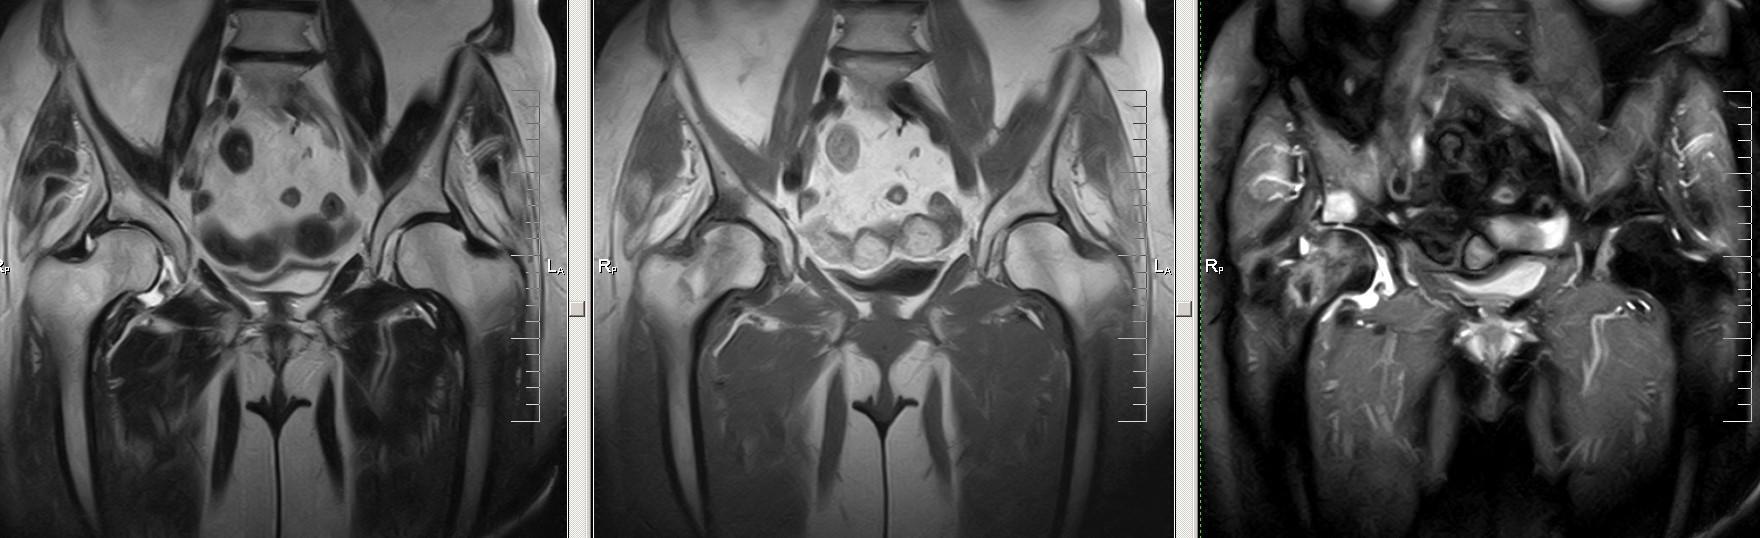 Артрит правого тазобедренного сустава (МРТ)